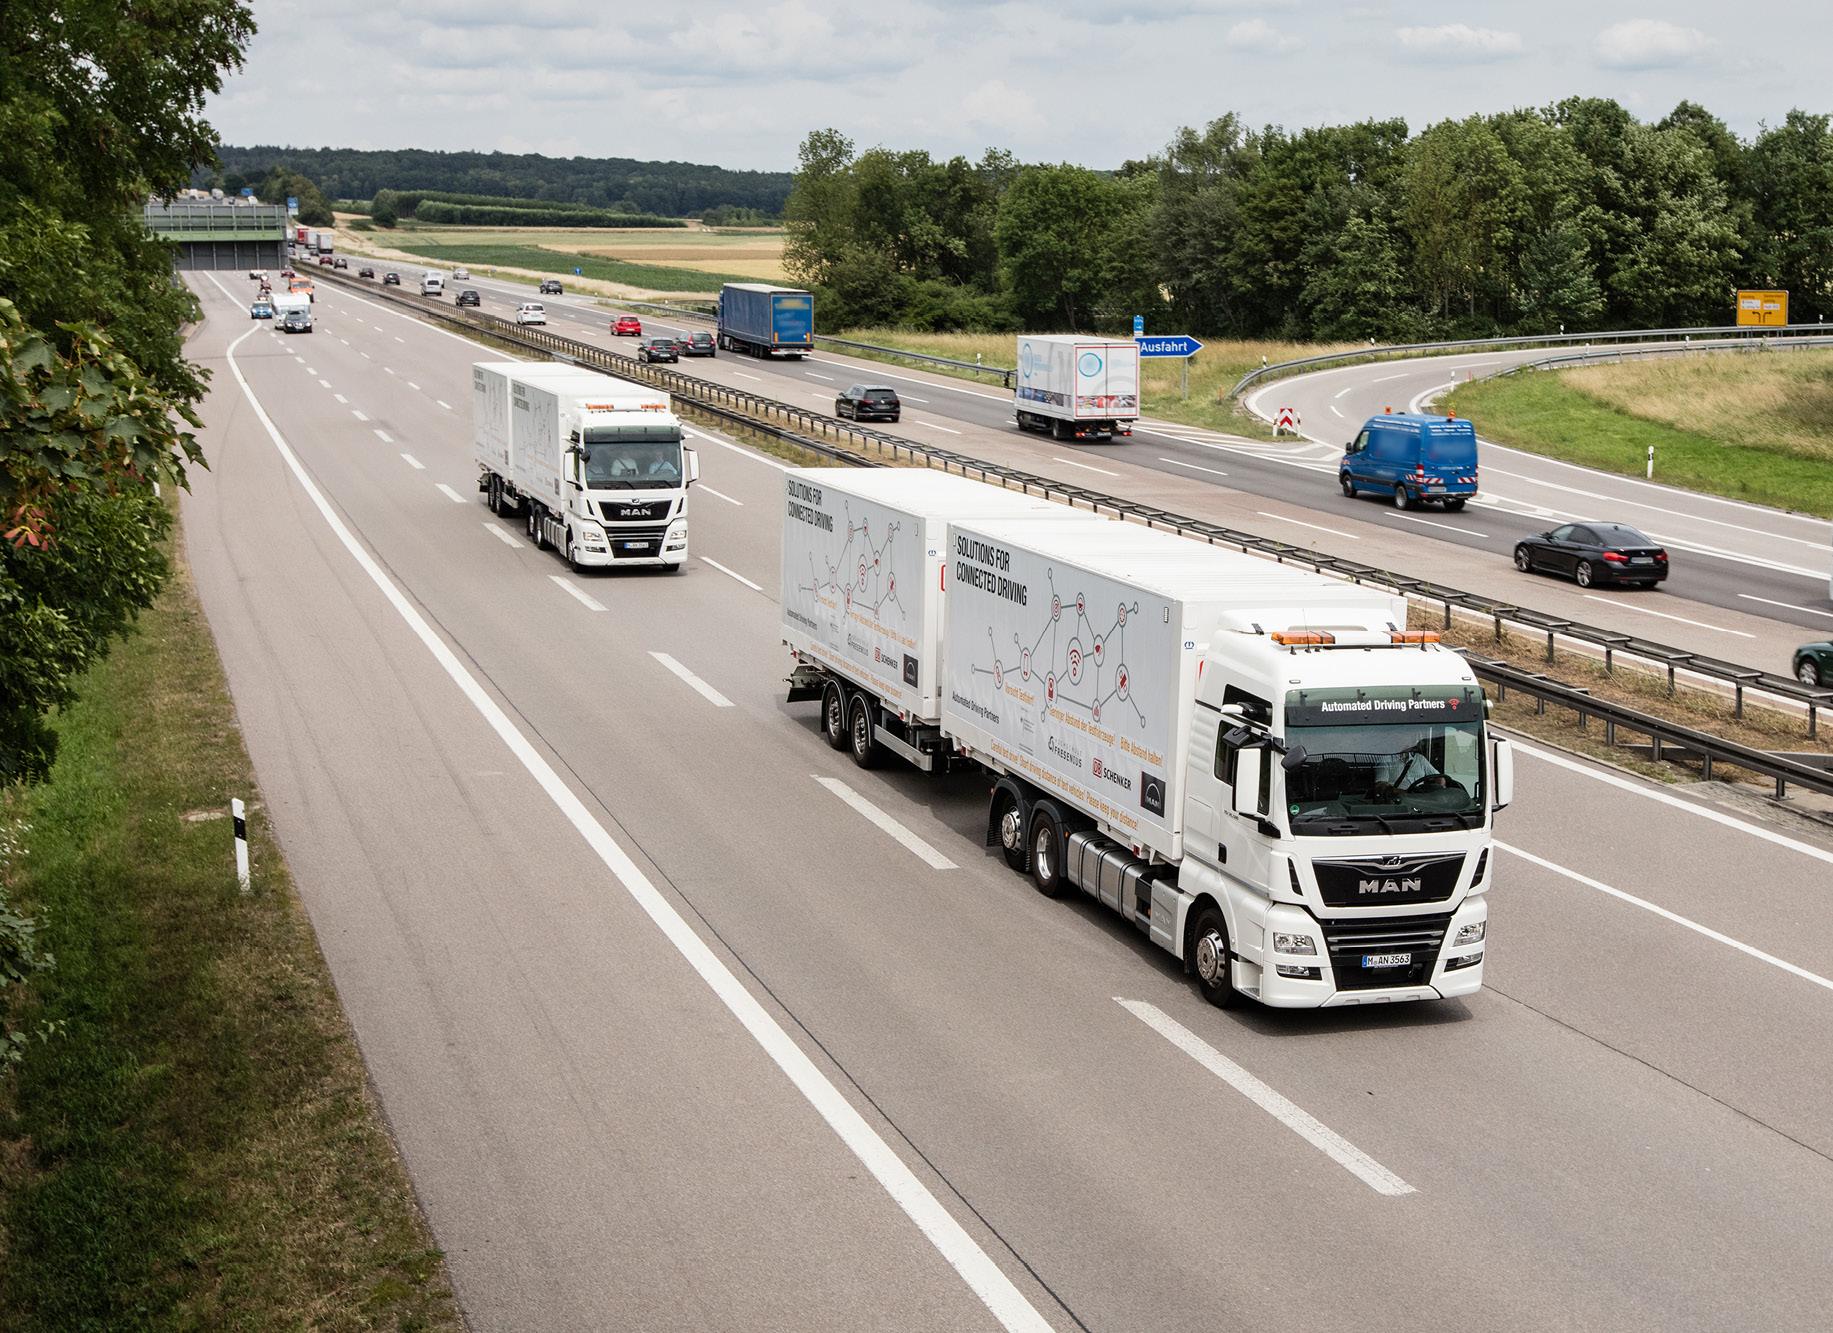 LKW der DB auf der Autobahn